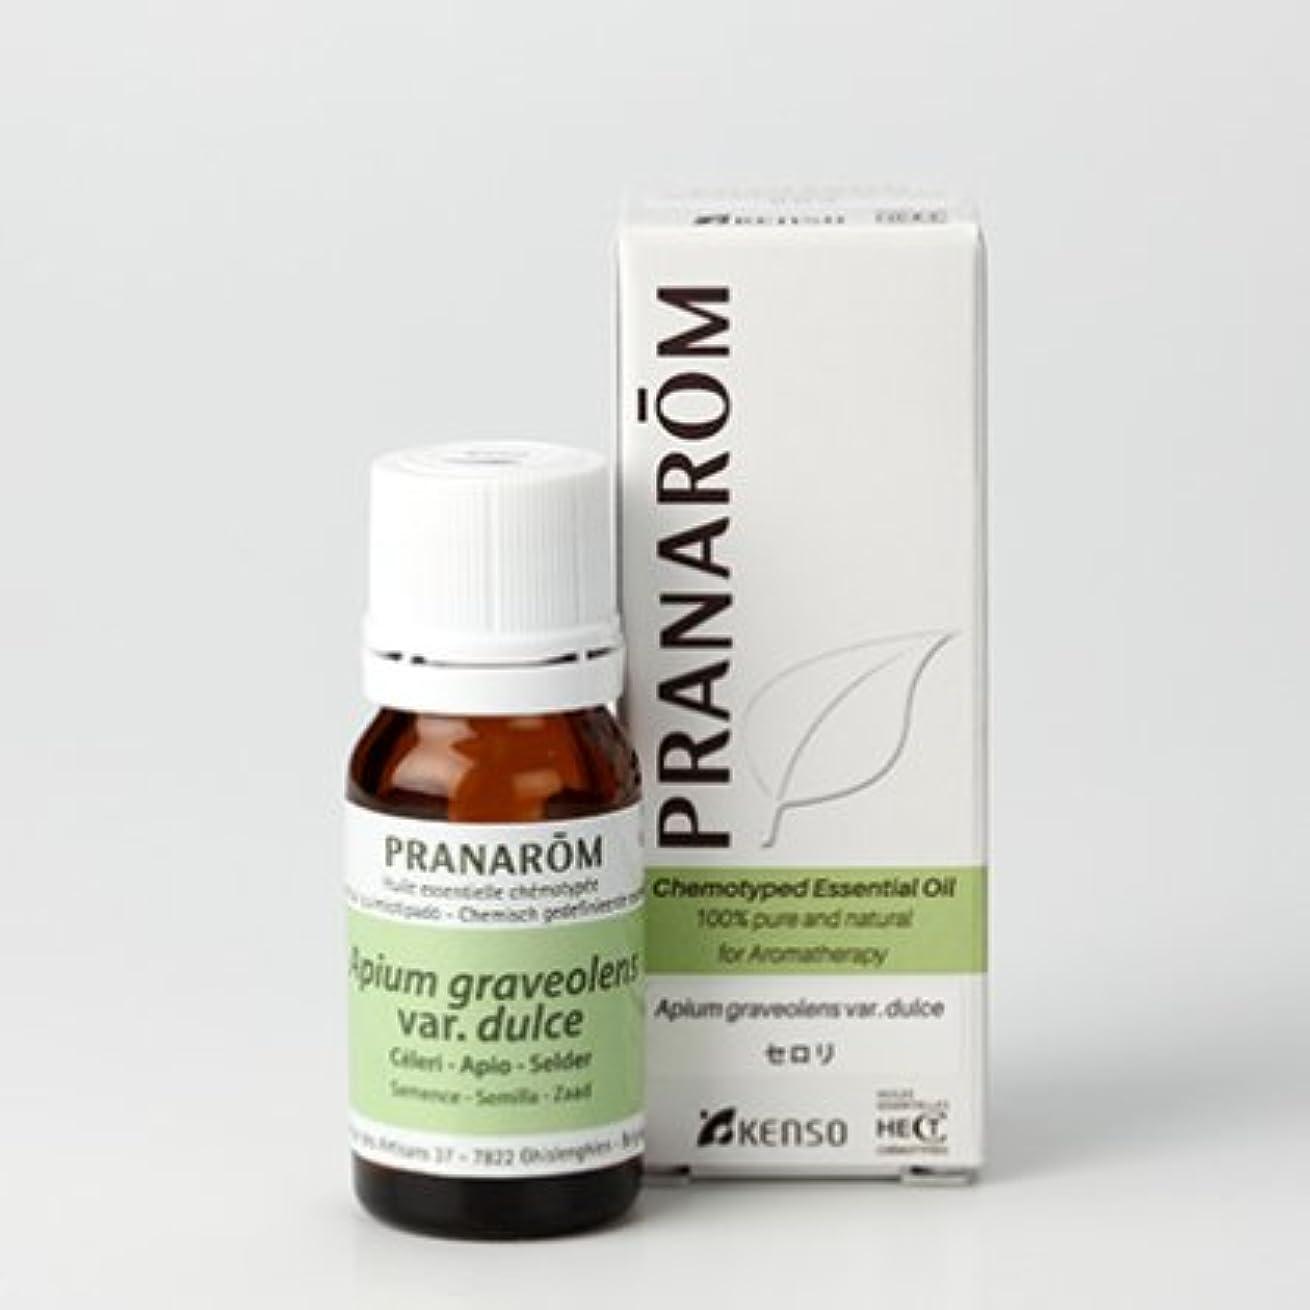 アンタゴニストバルブ強制的セロリ 10mlミドルノート プラナロム社エッセンシャルオイル(精油)